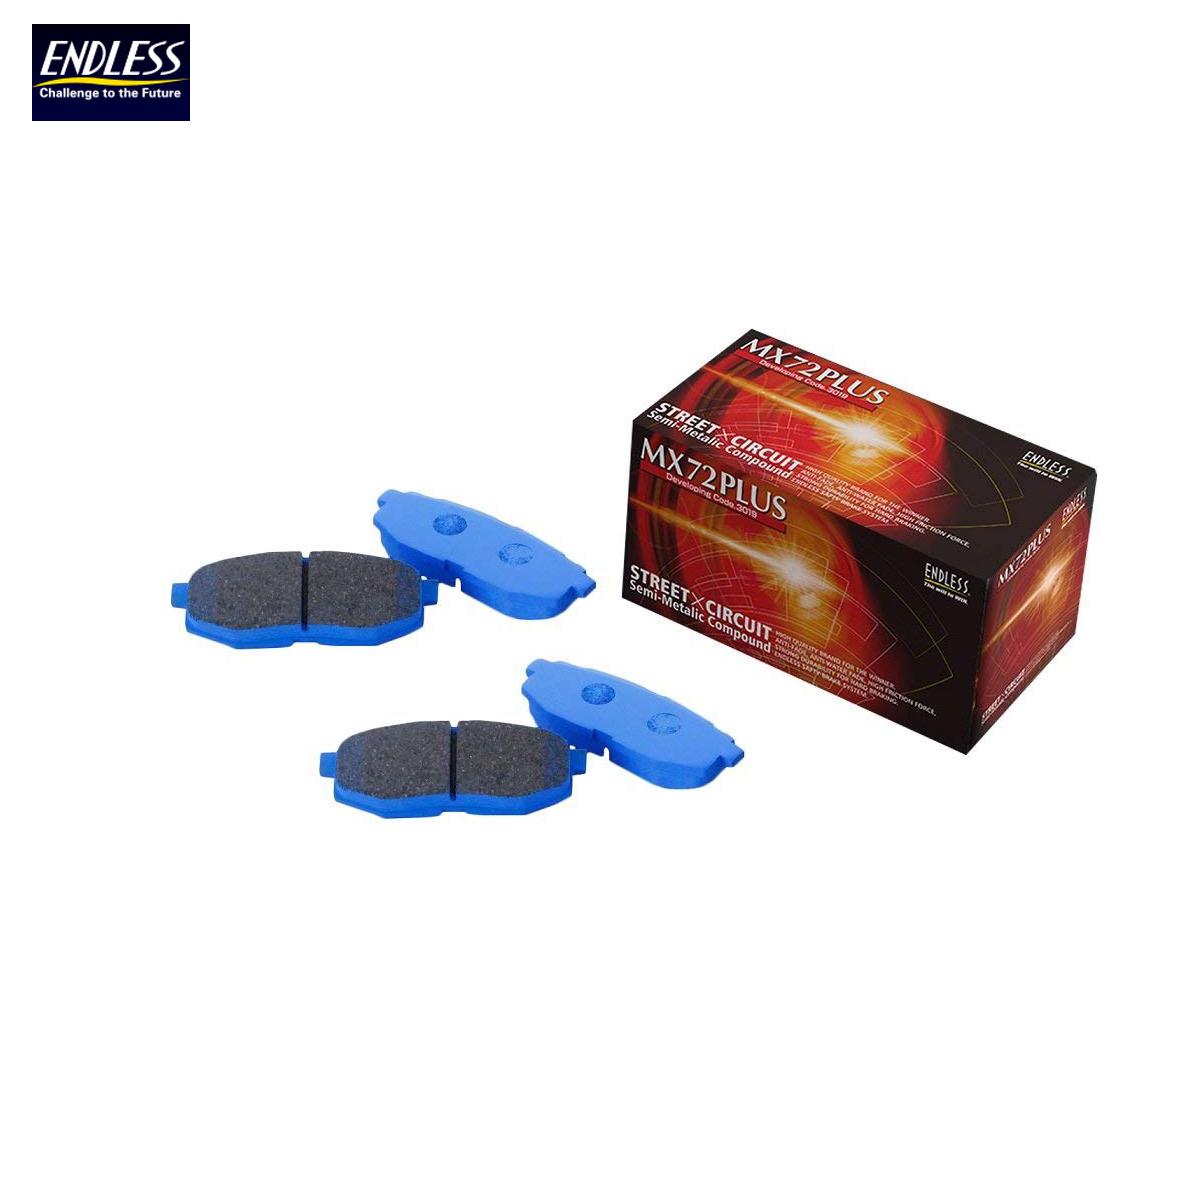 ENDLESS エンドレス ブレーキパッド MX72プラス フロント EP382 アレックス NZE121 NZE124 リアドラム